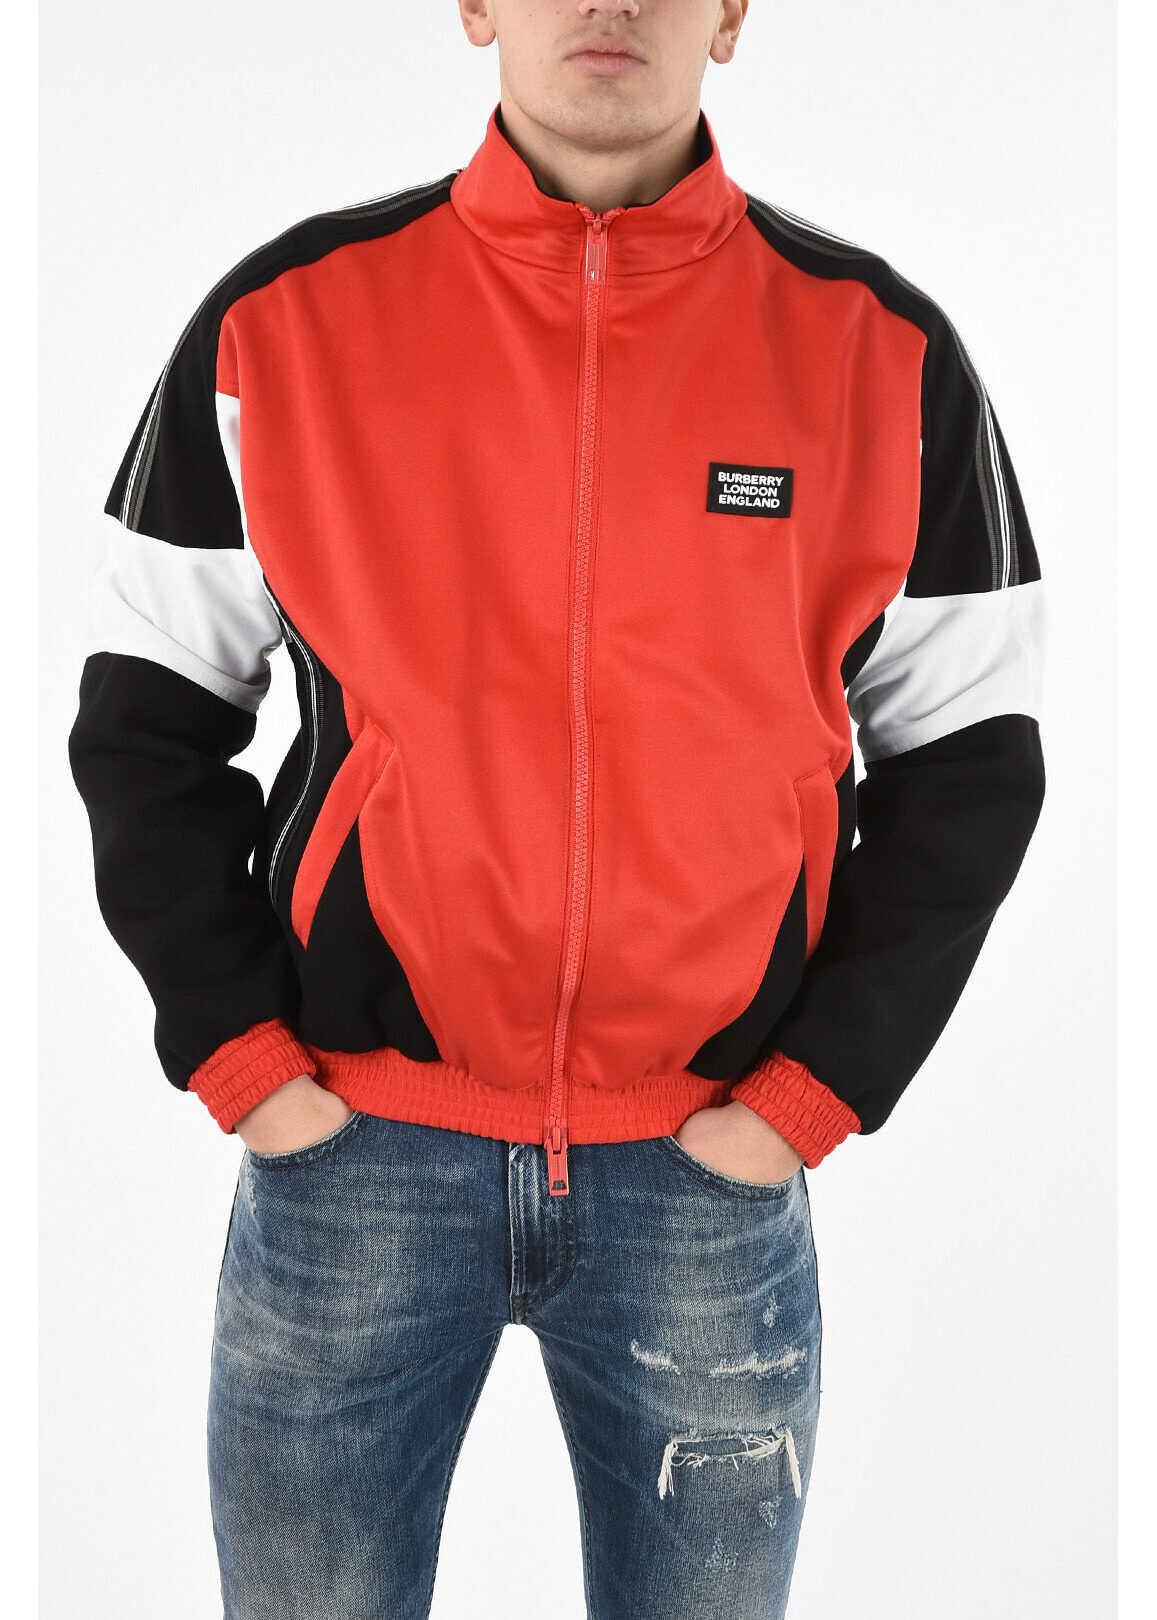 Burberry half zip sweatshirt RED imagine